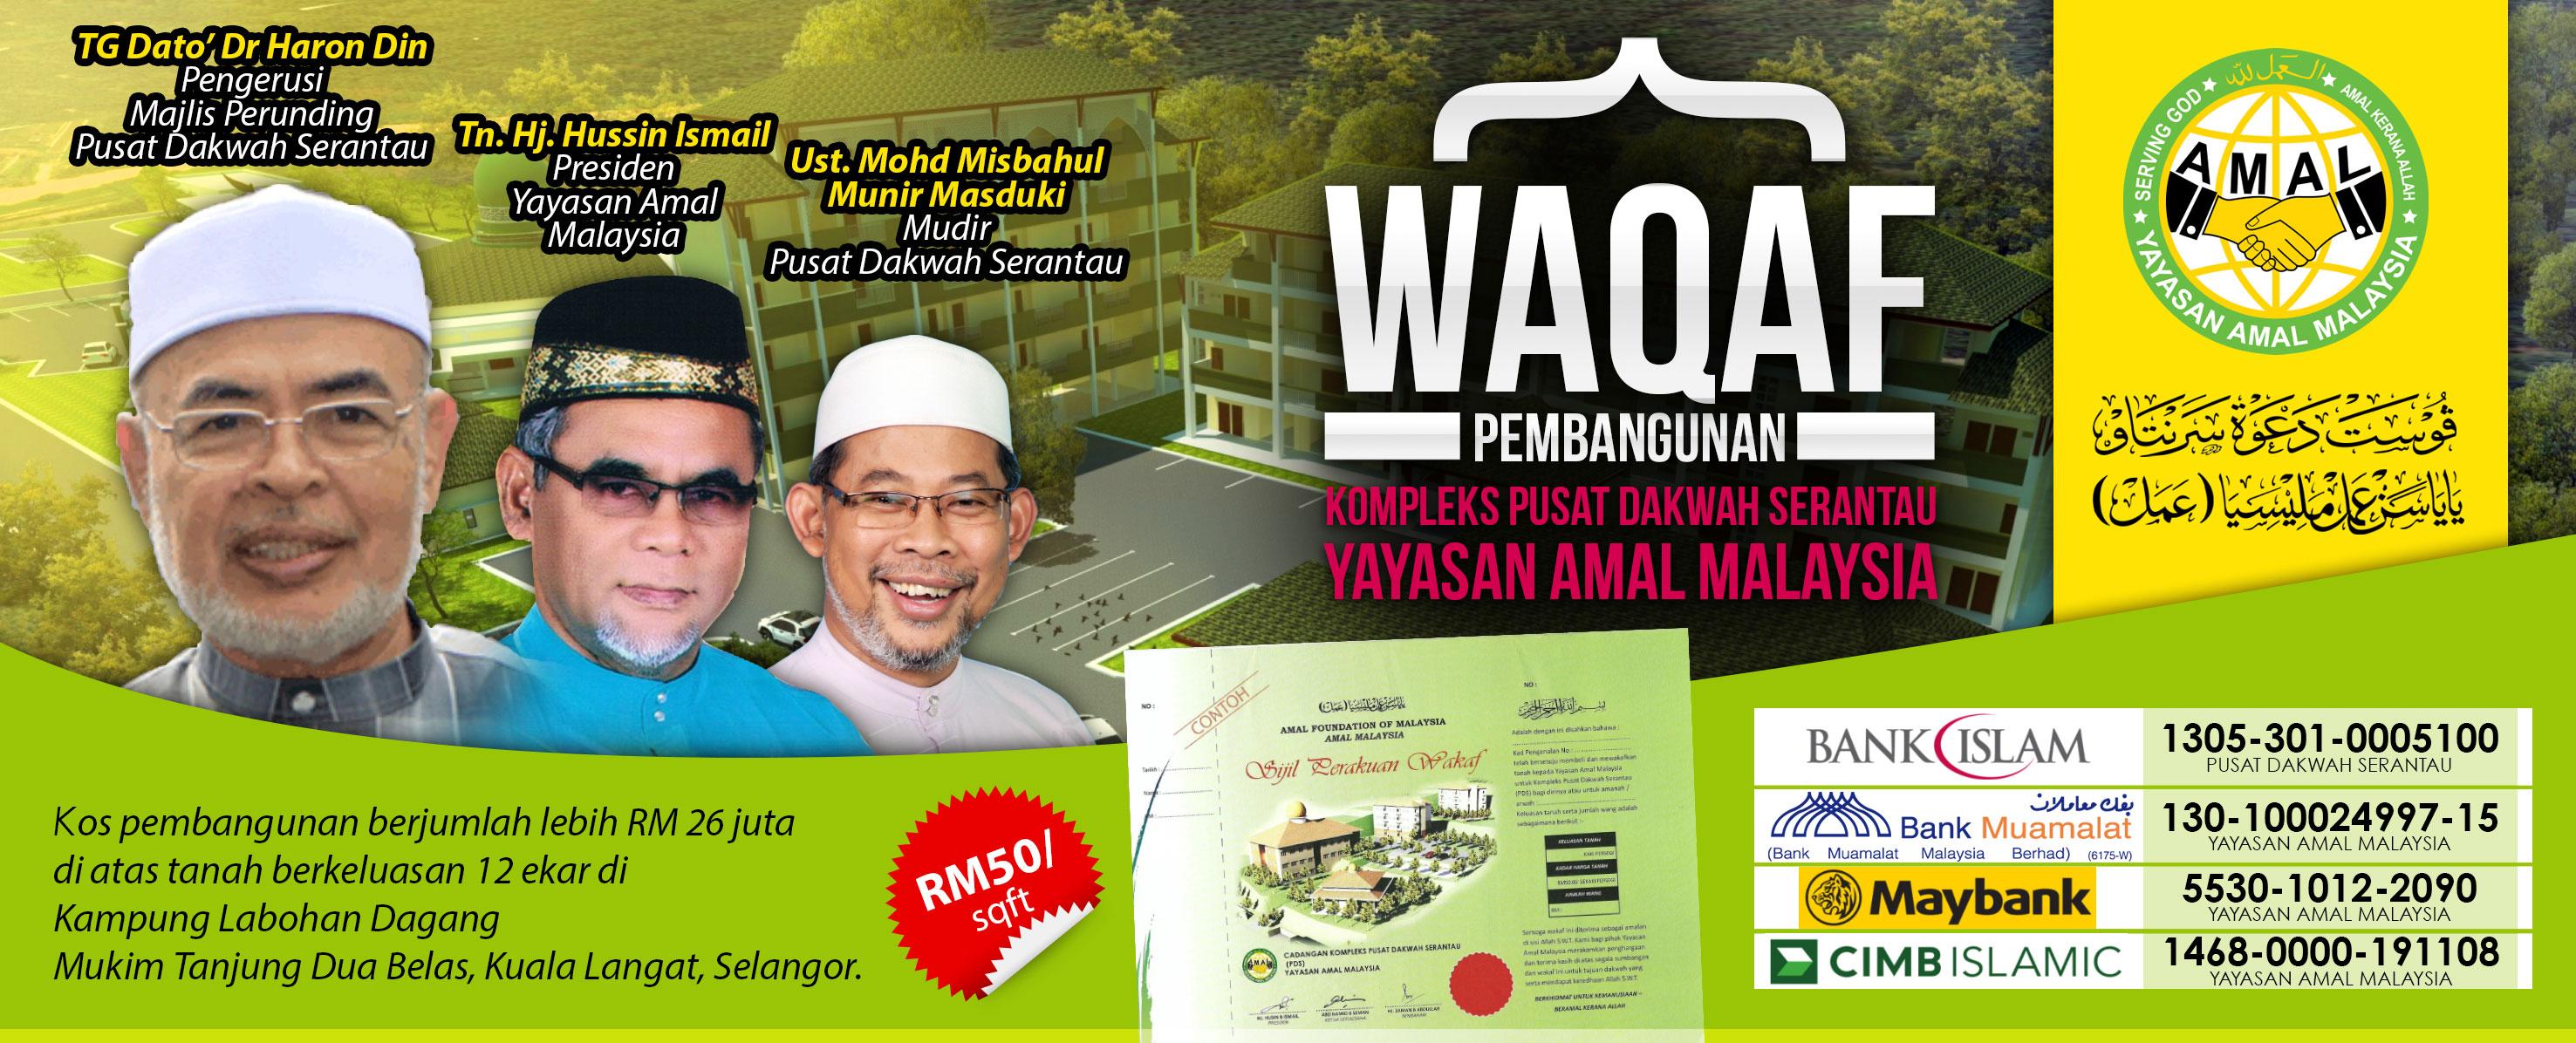 Wakaf Pusat Dakwah Serantau